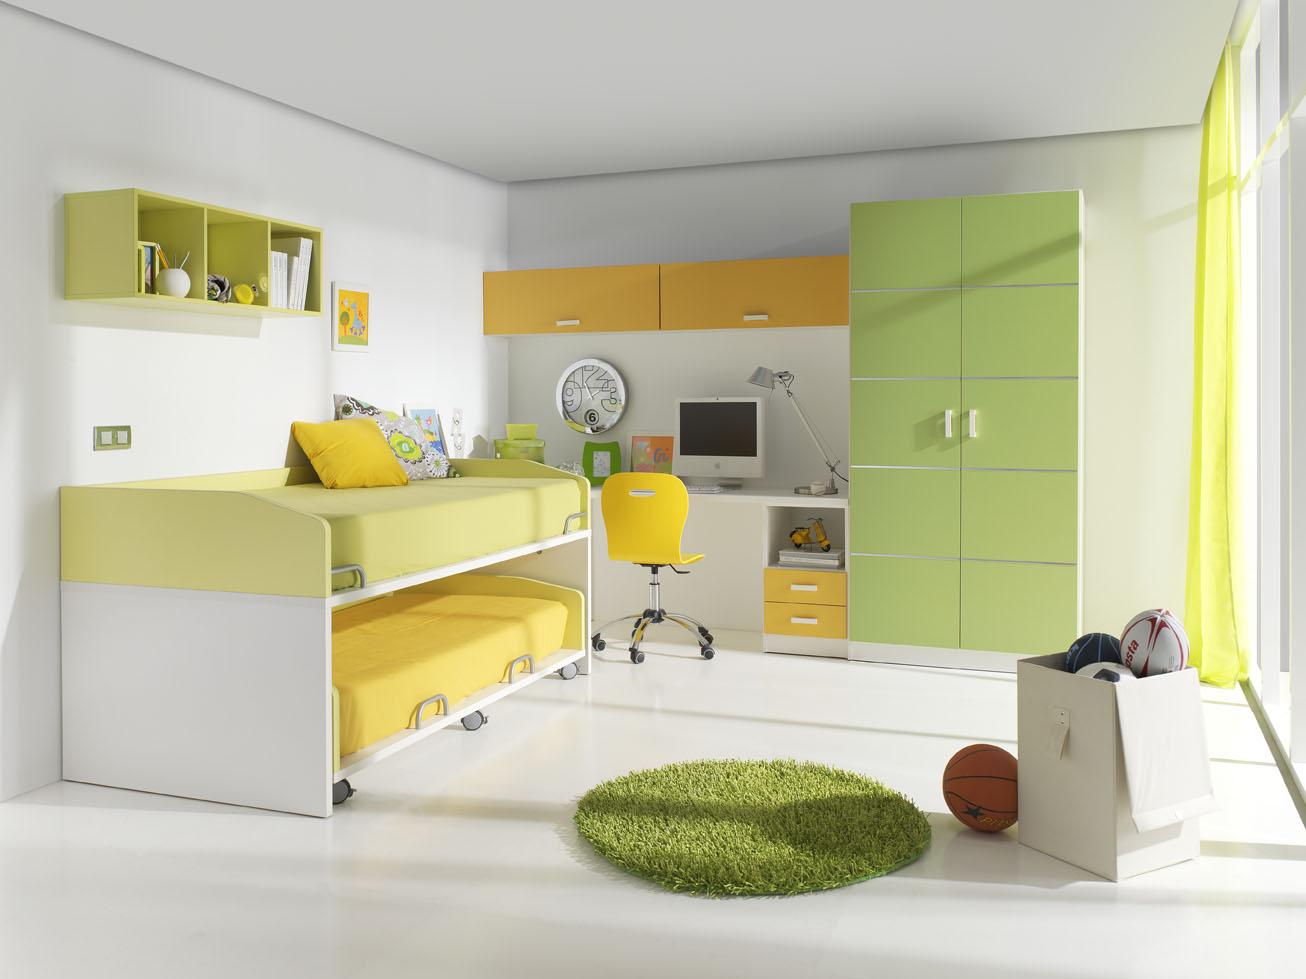 Dormitorios juveniles en color verde muebles orts blog - Paredes habitacion juvenil ...